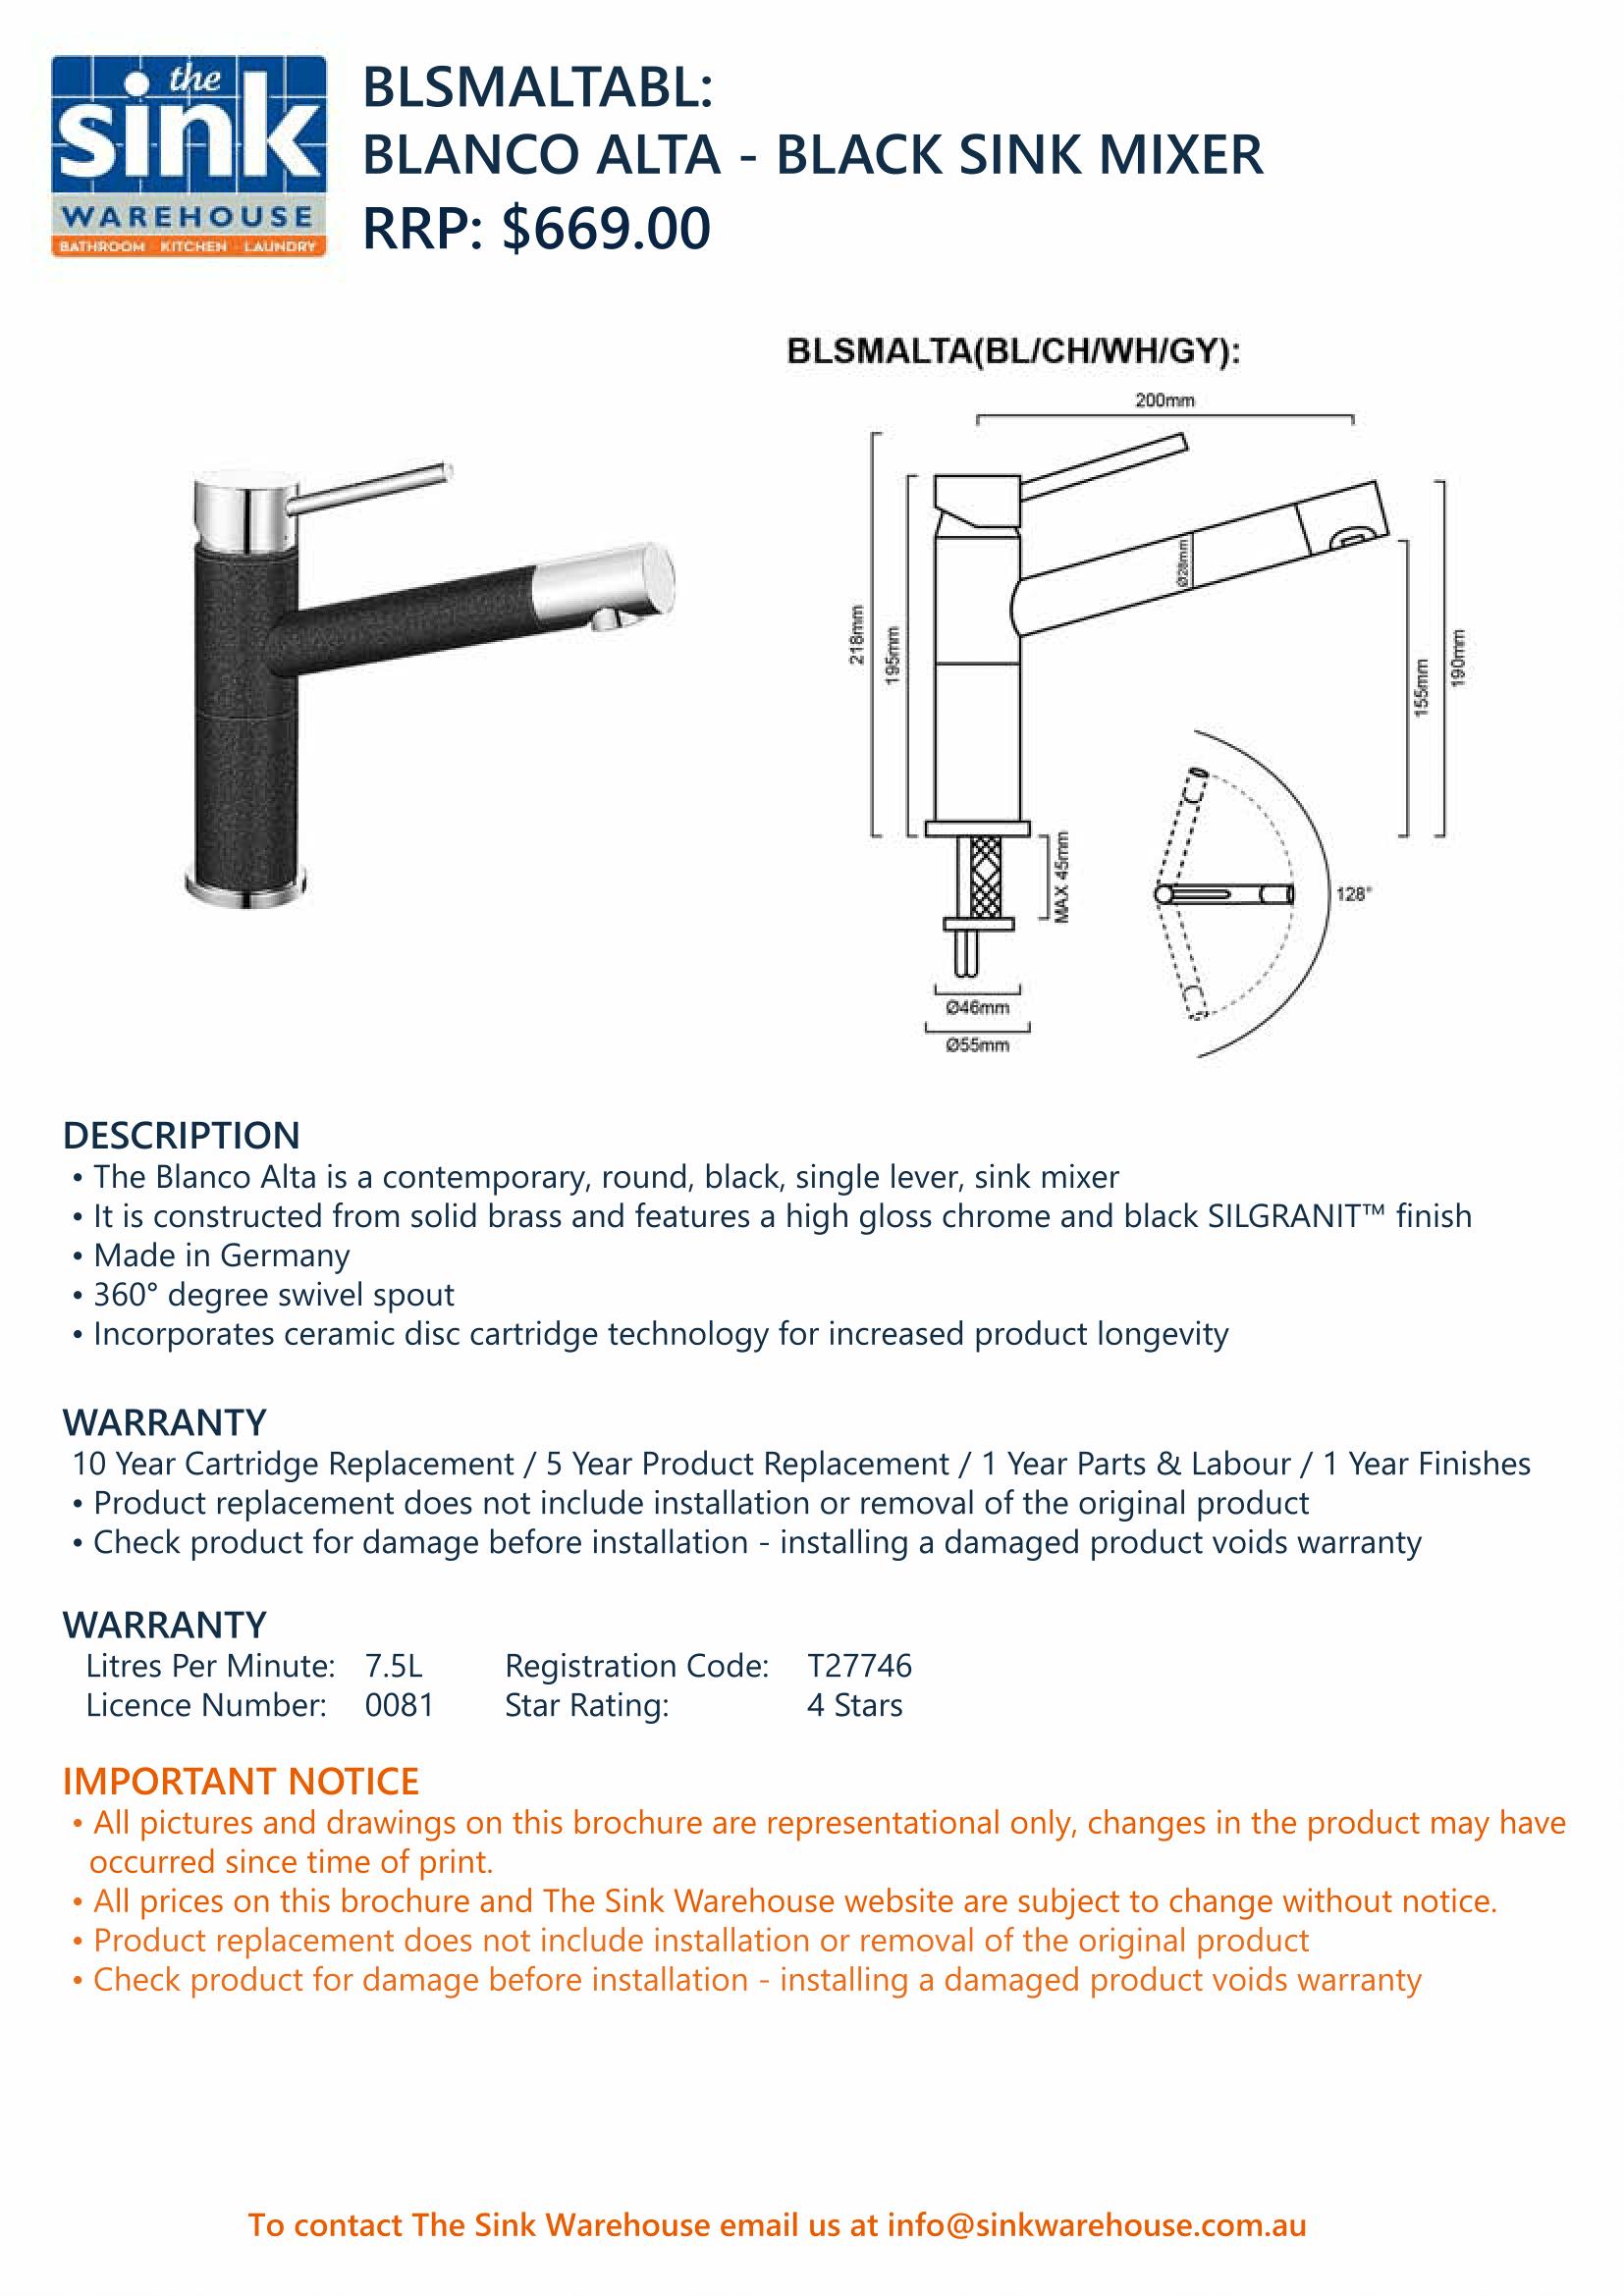 blsmaltabl-product-spec-sheet-1.png